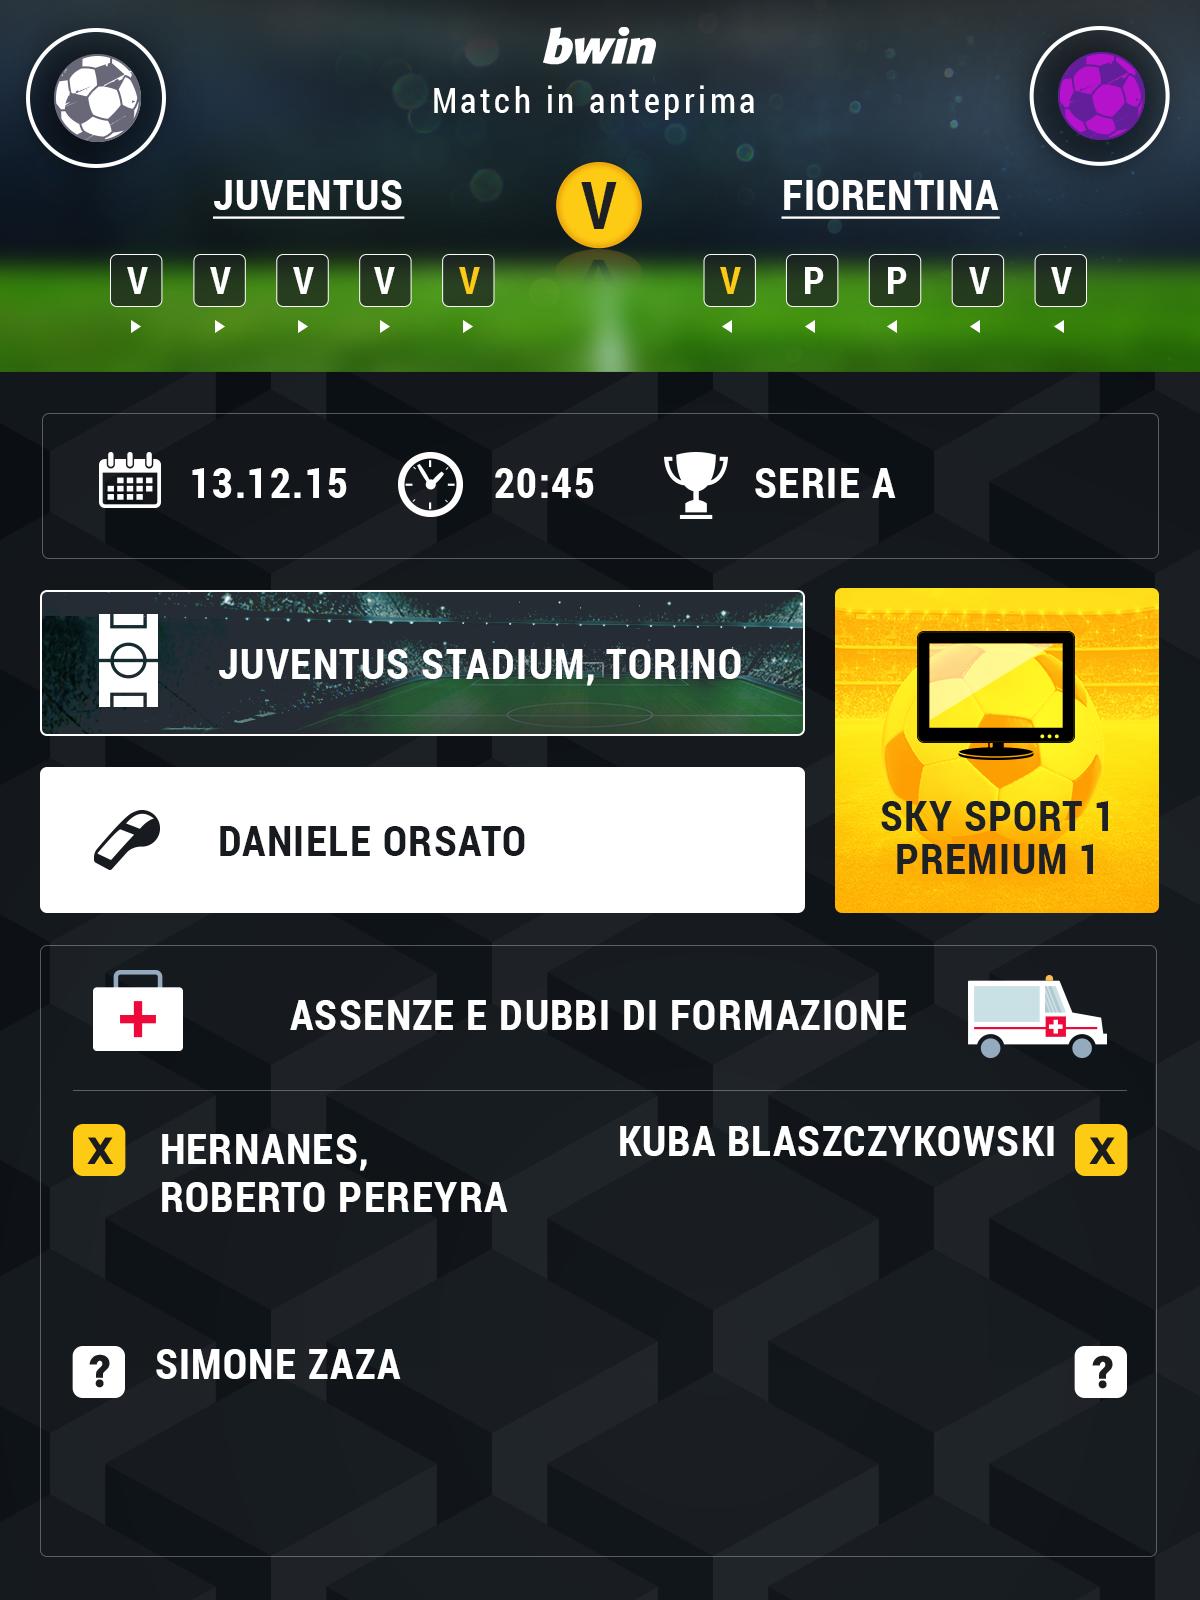 Juve-Fiorentina